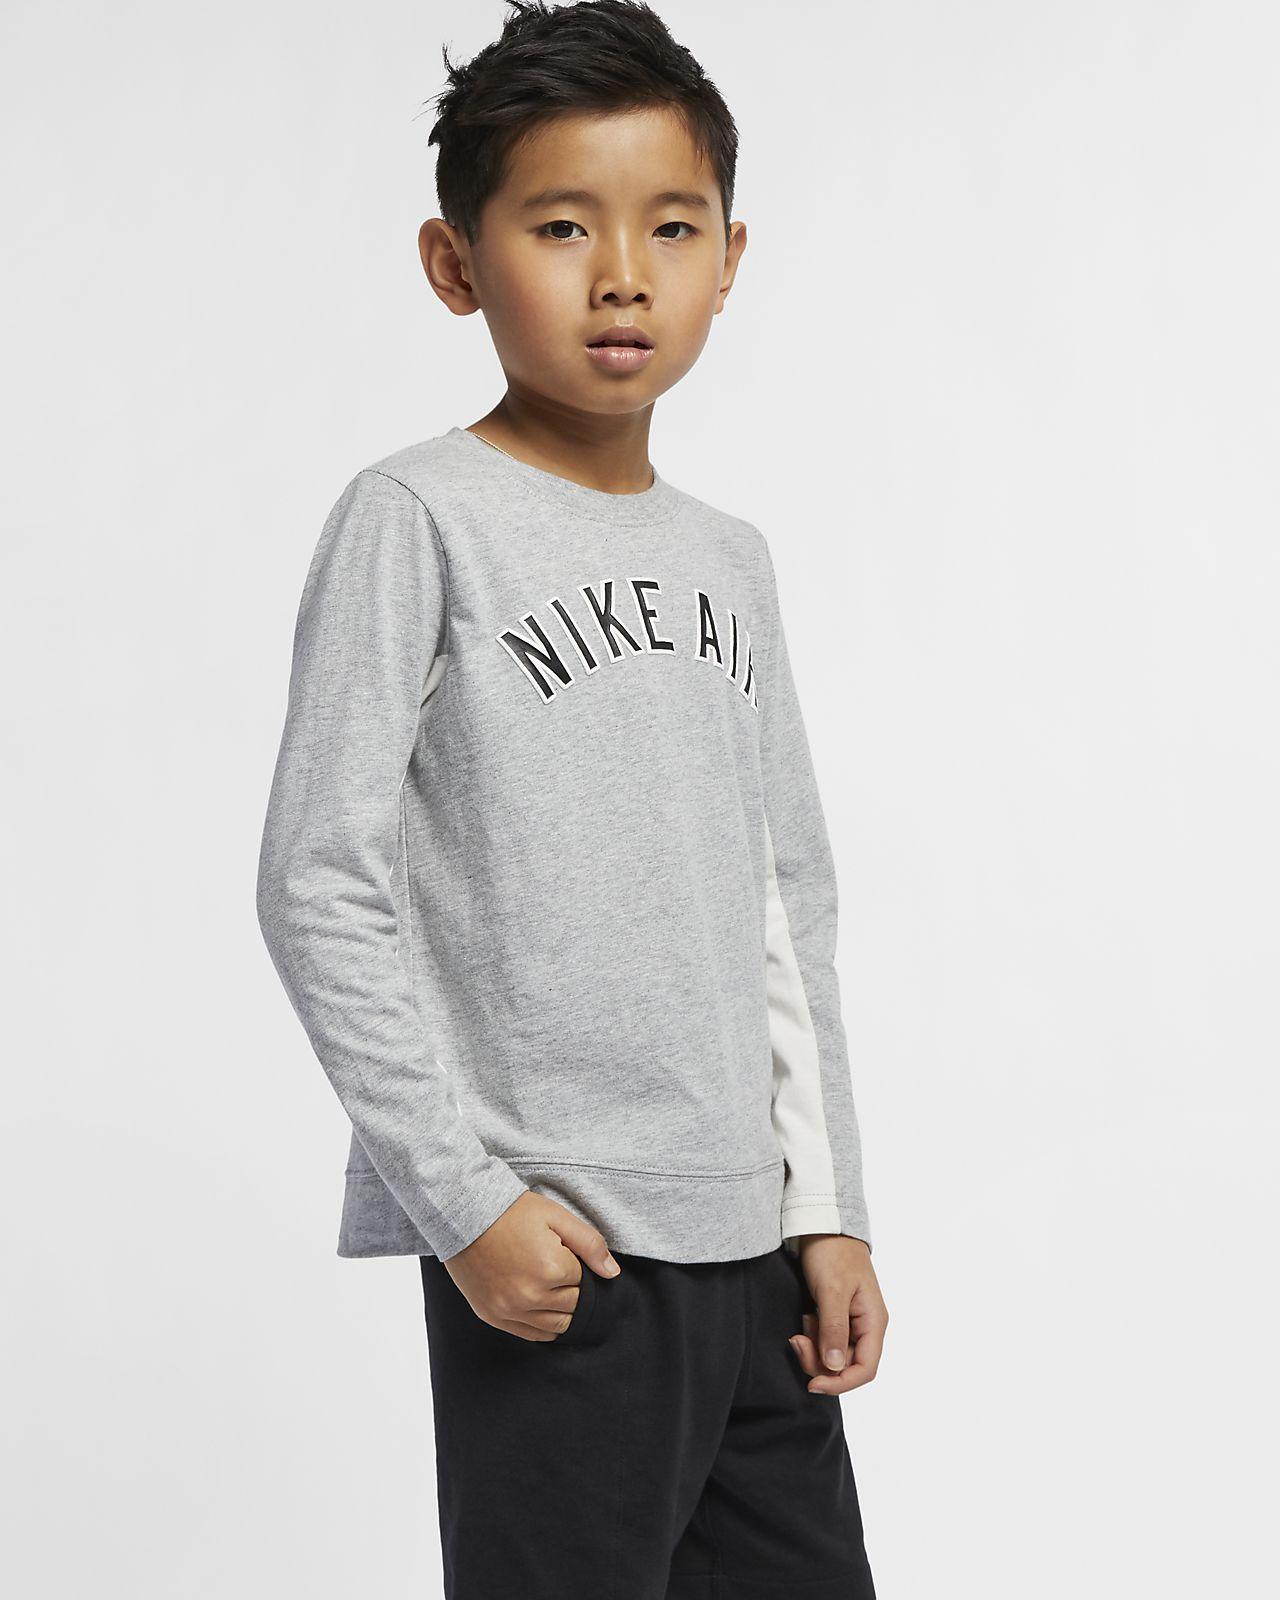 Haut à manches longues Nike Air pour Jeune enfant